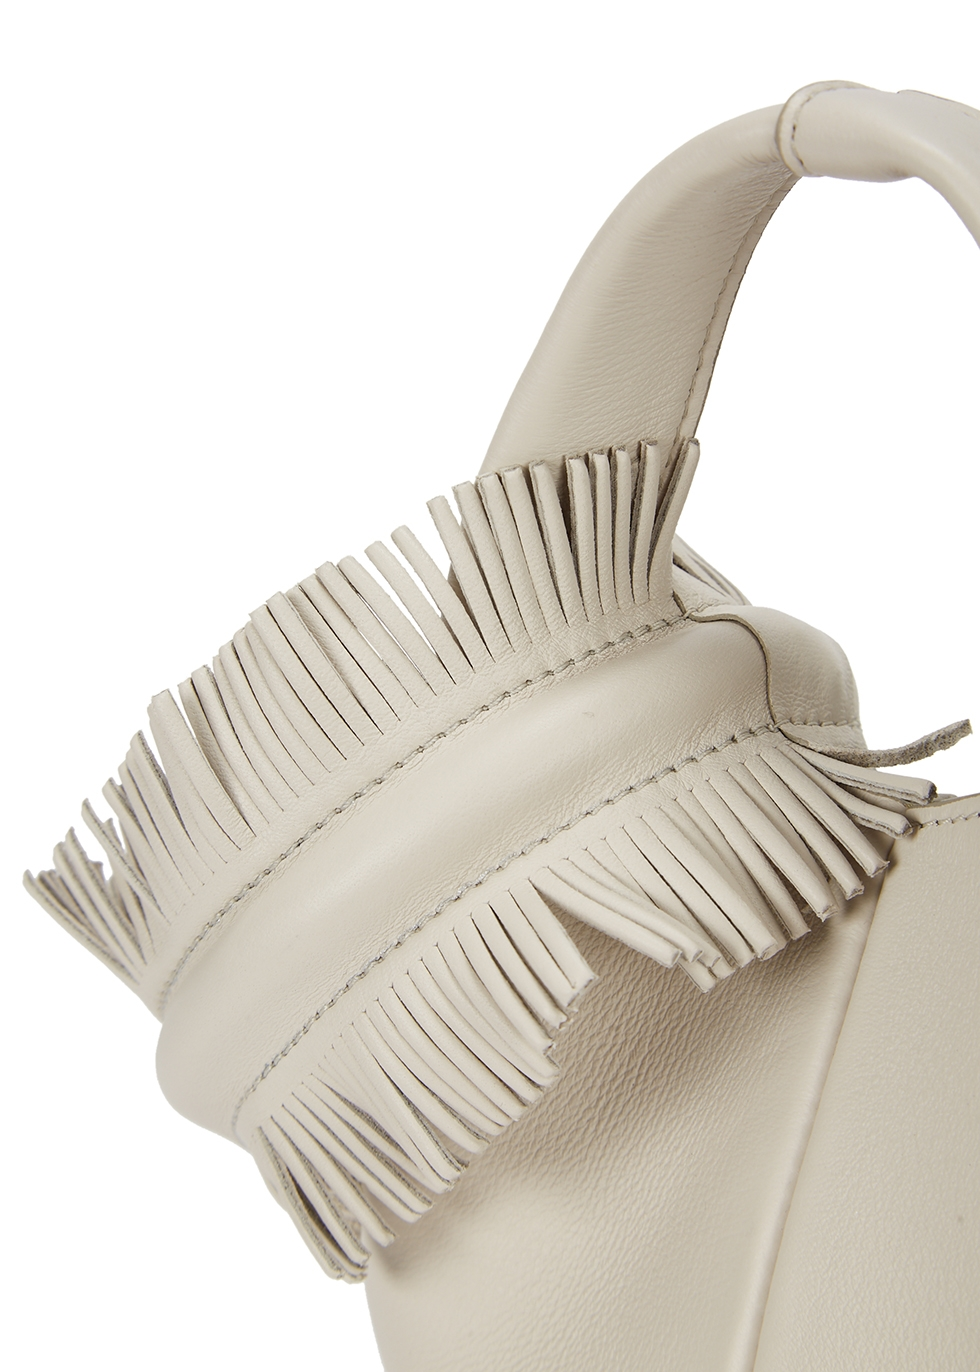 Petite V off-whitw leather clutch - Elena Ghisellini